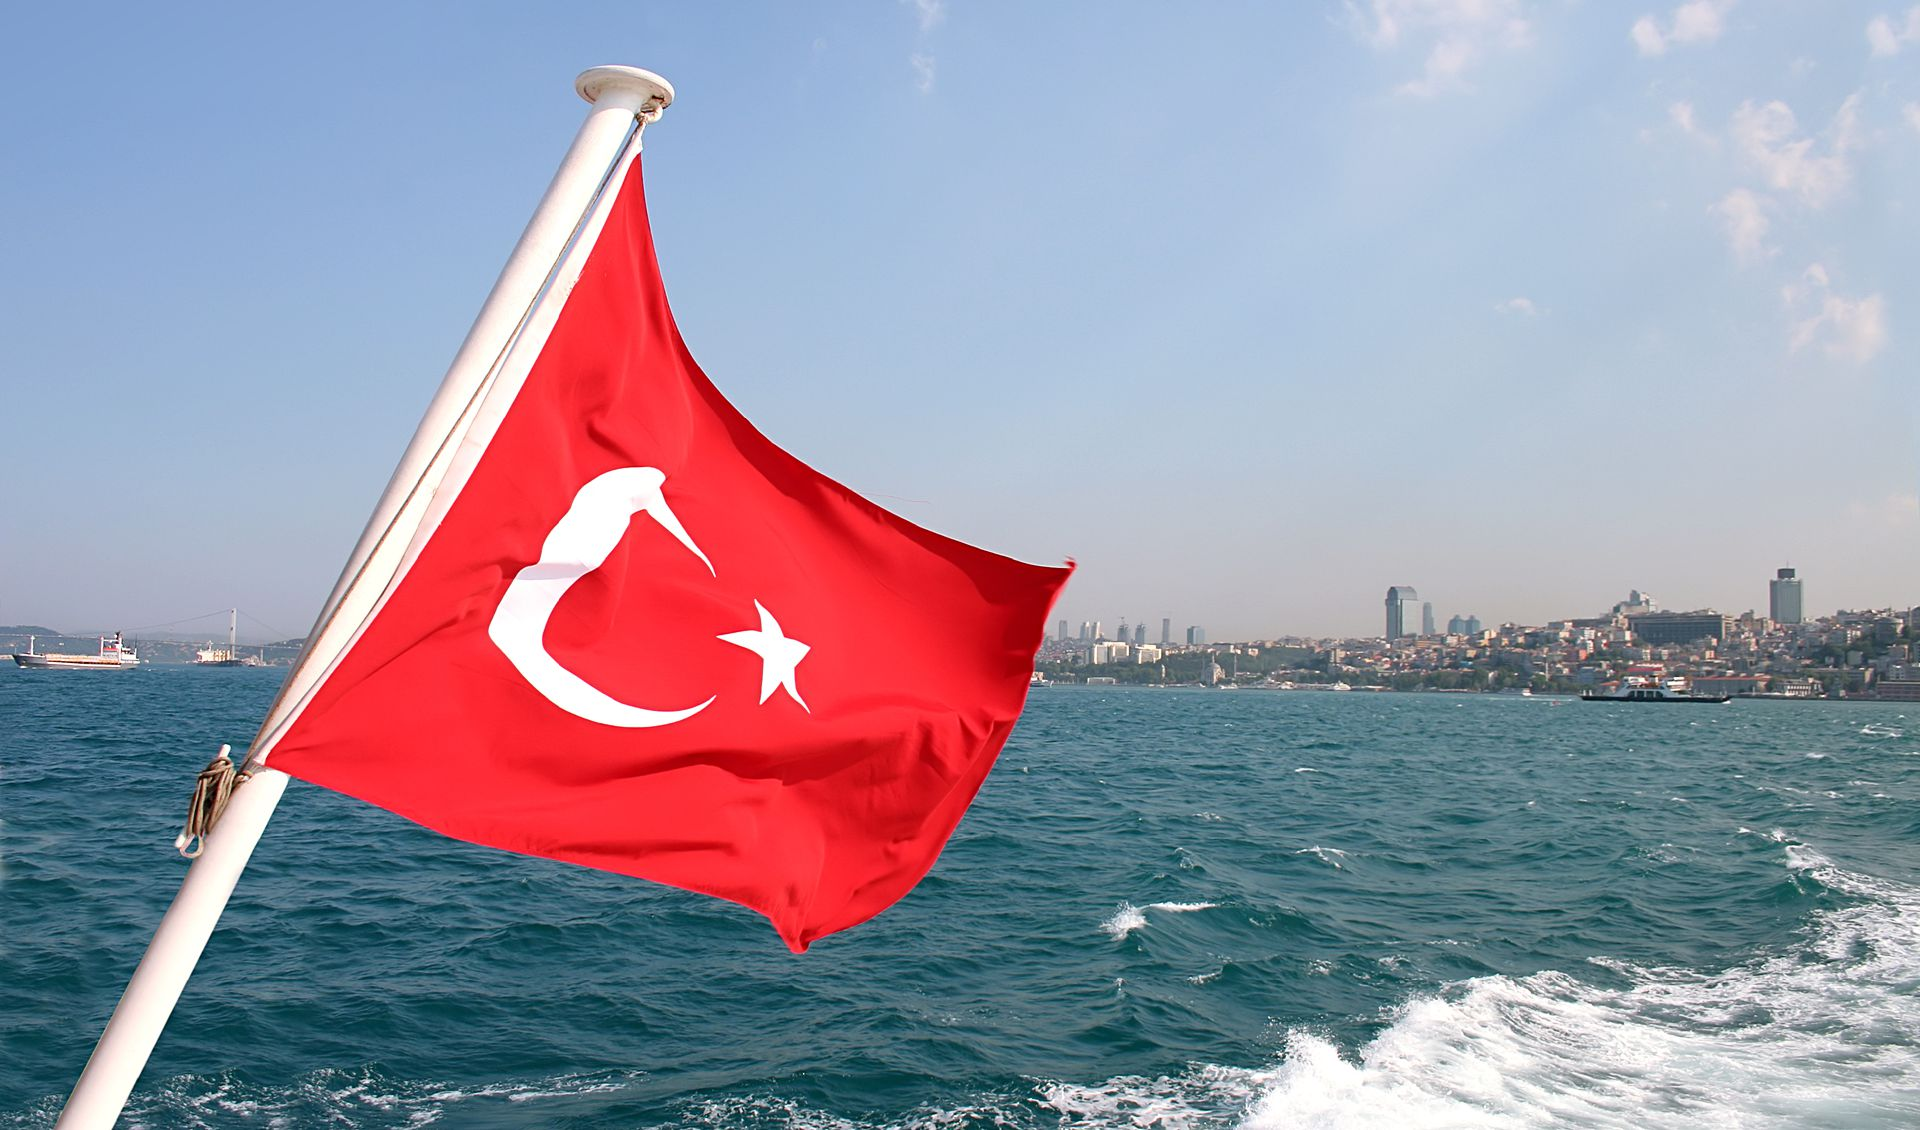 tur v turciju alanya 25 164 rub chel iz spb - Тур в Турцию Аланья 25 164 руб. чел. из СПБ